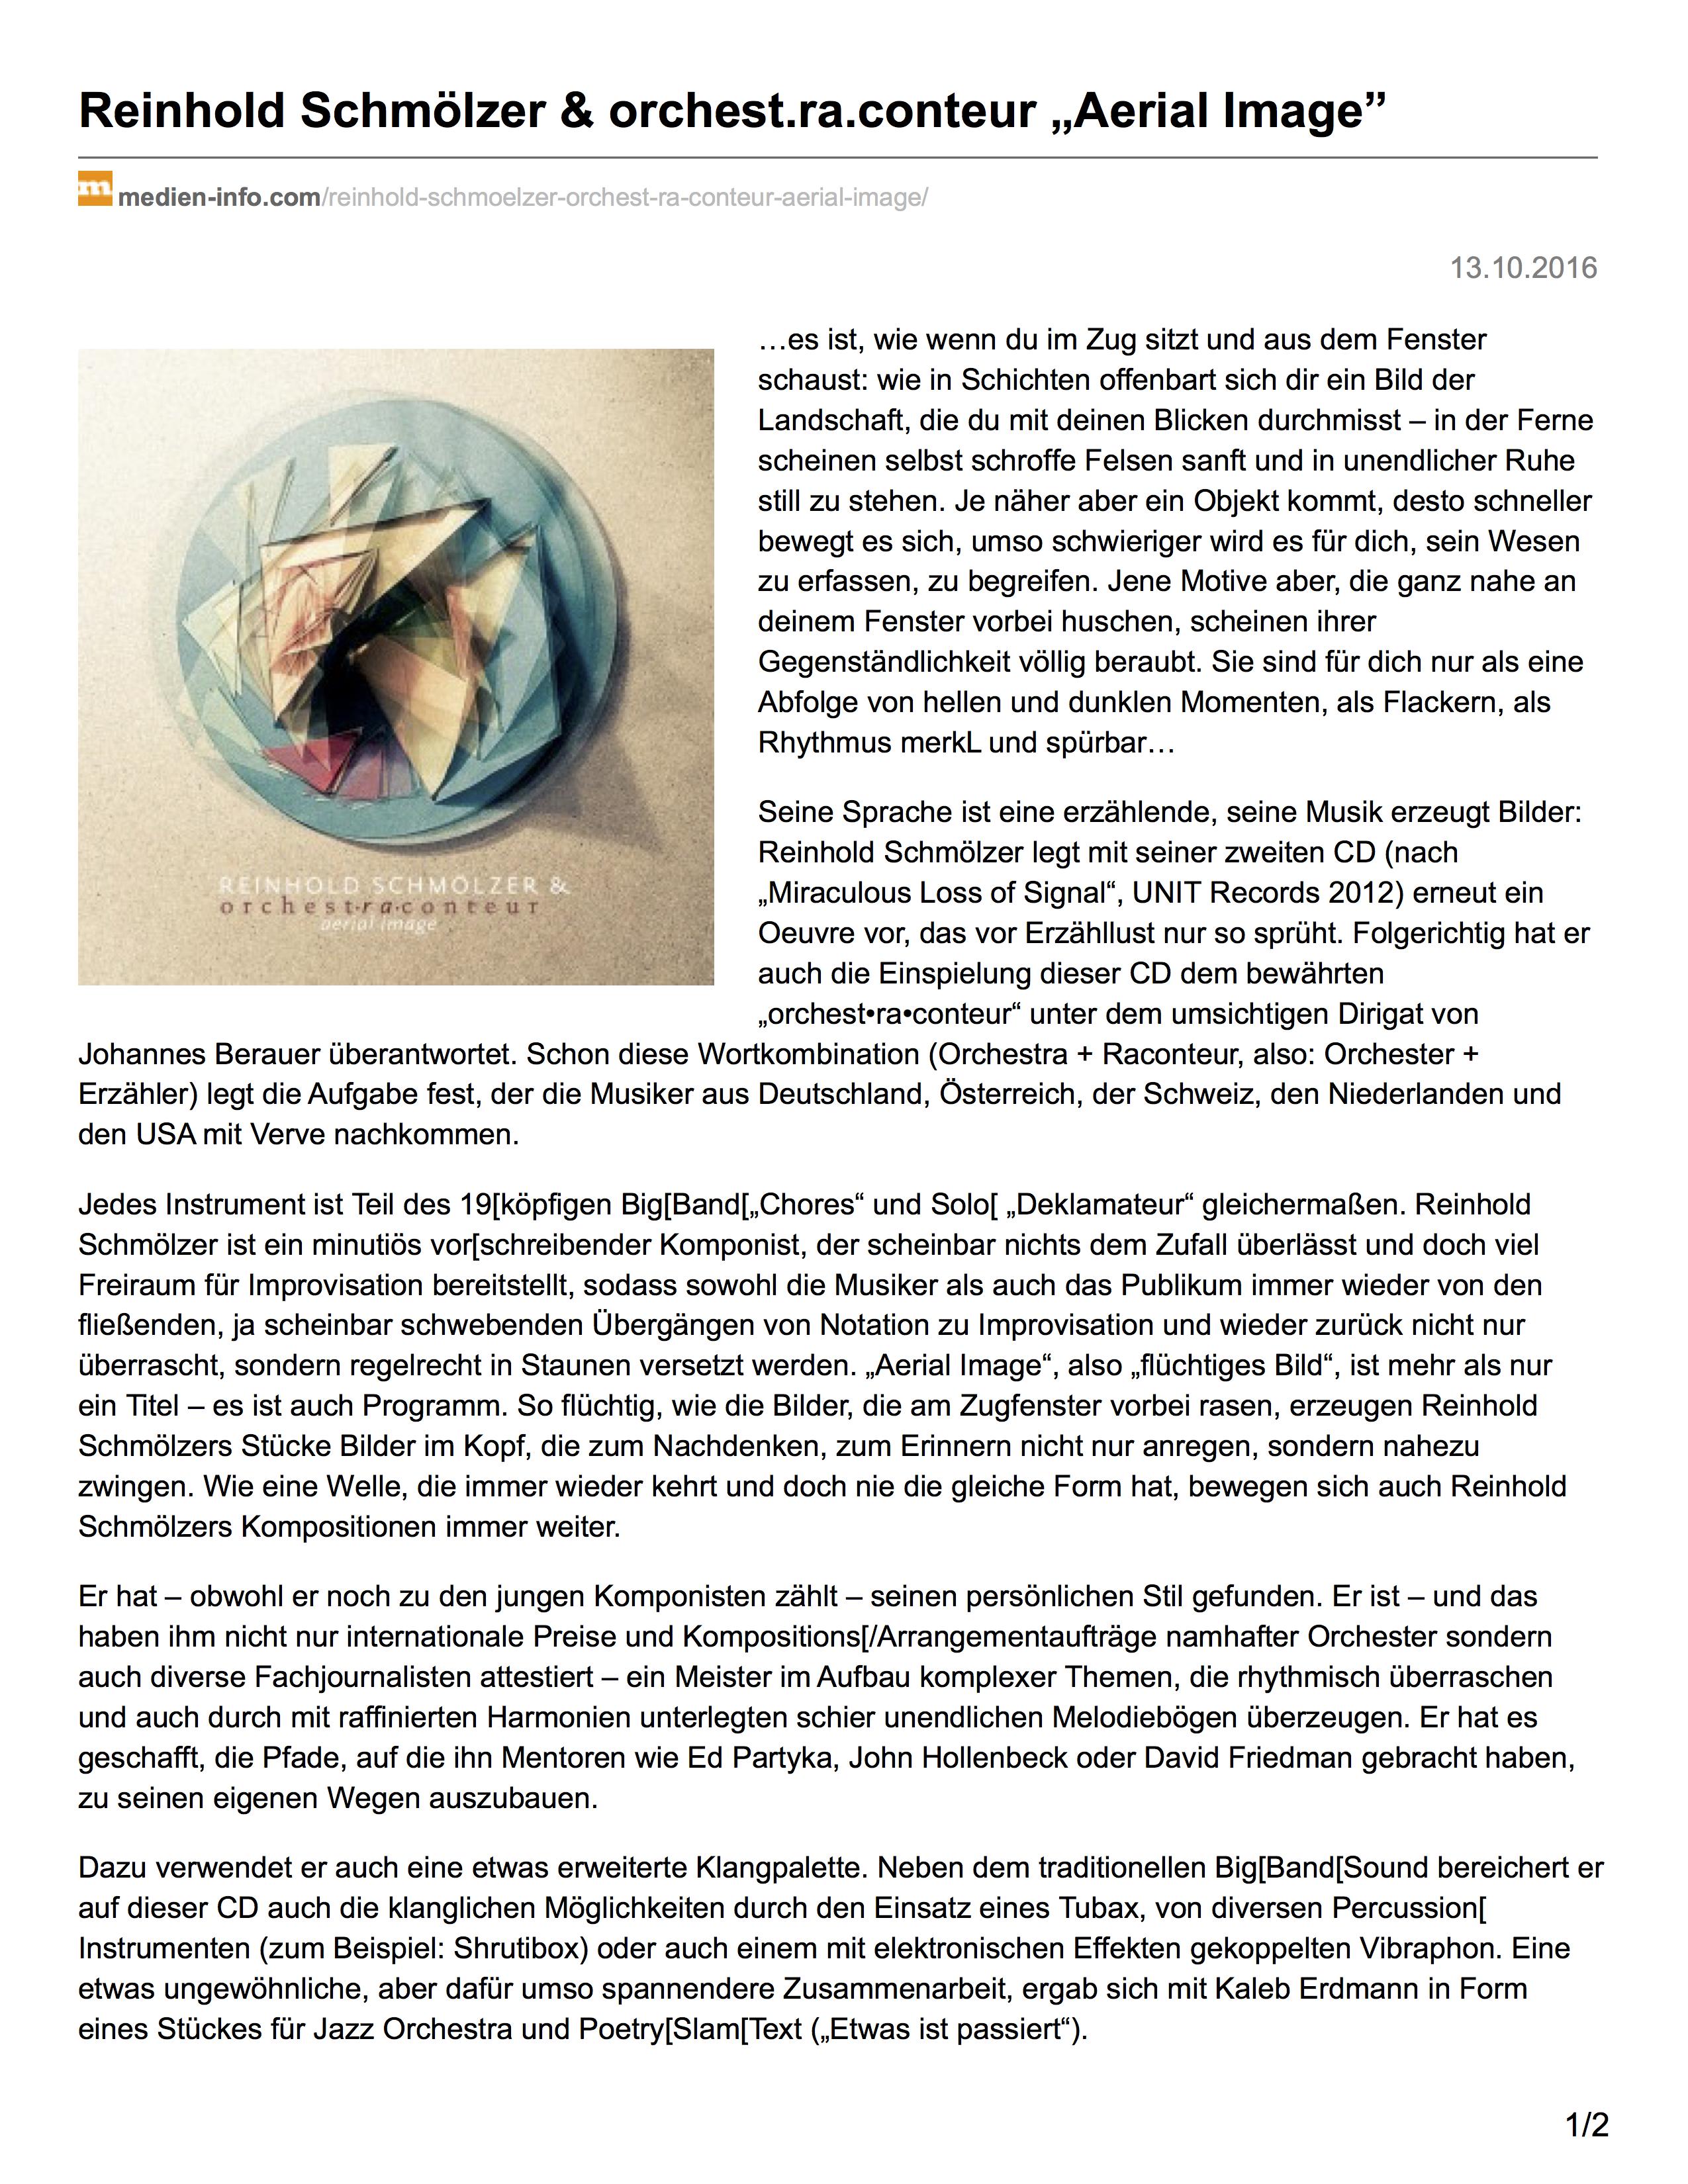 CD aktuell - Teil 1